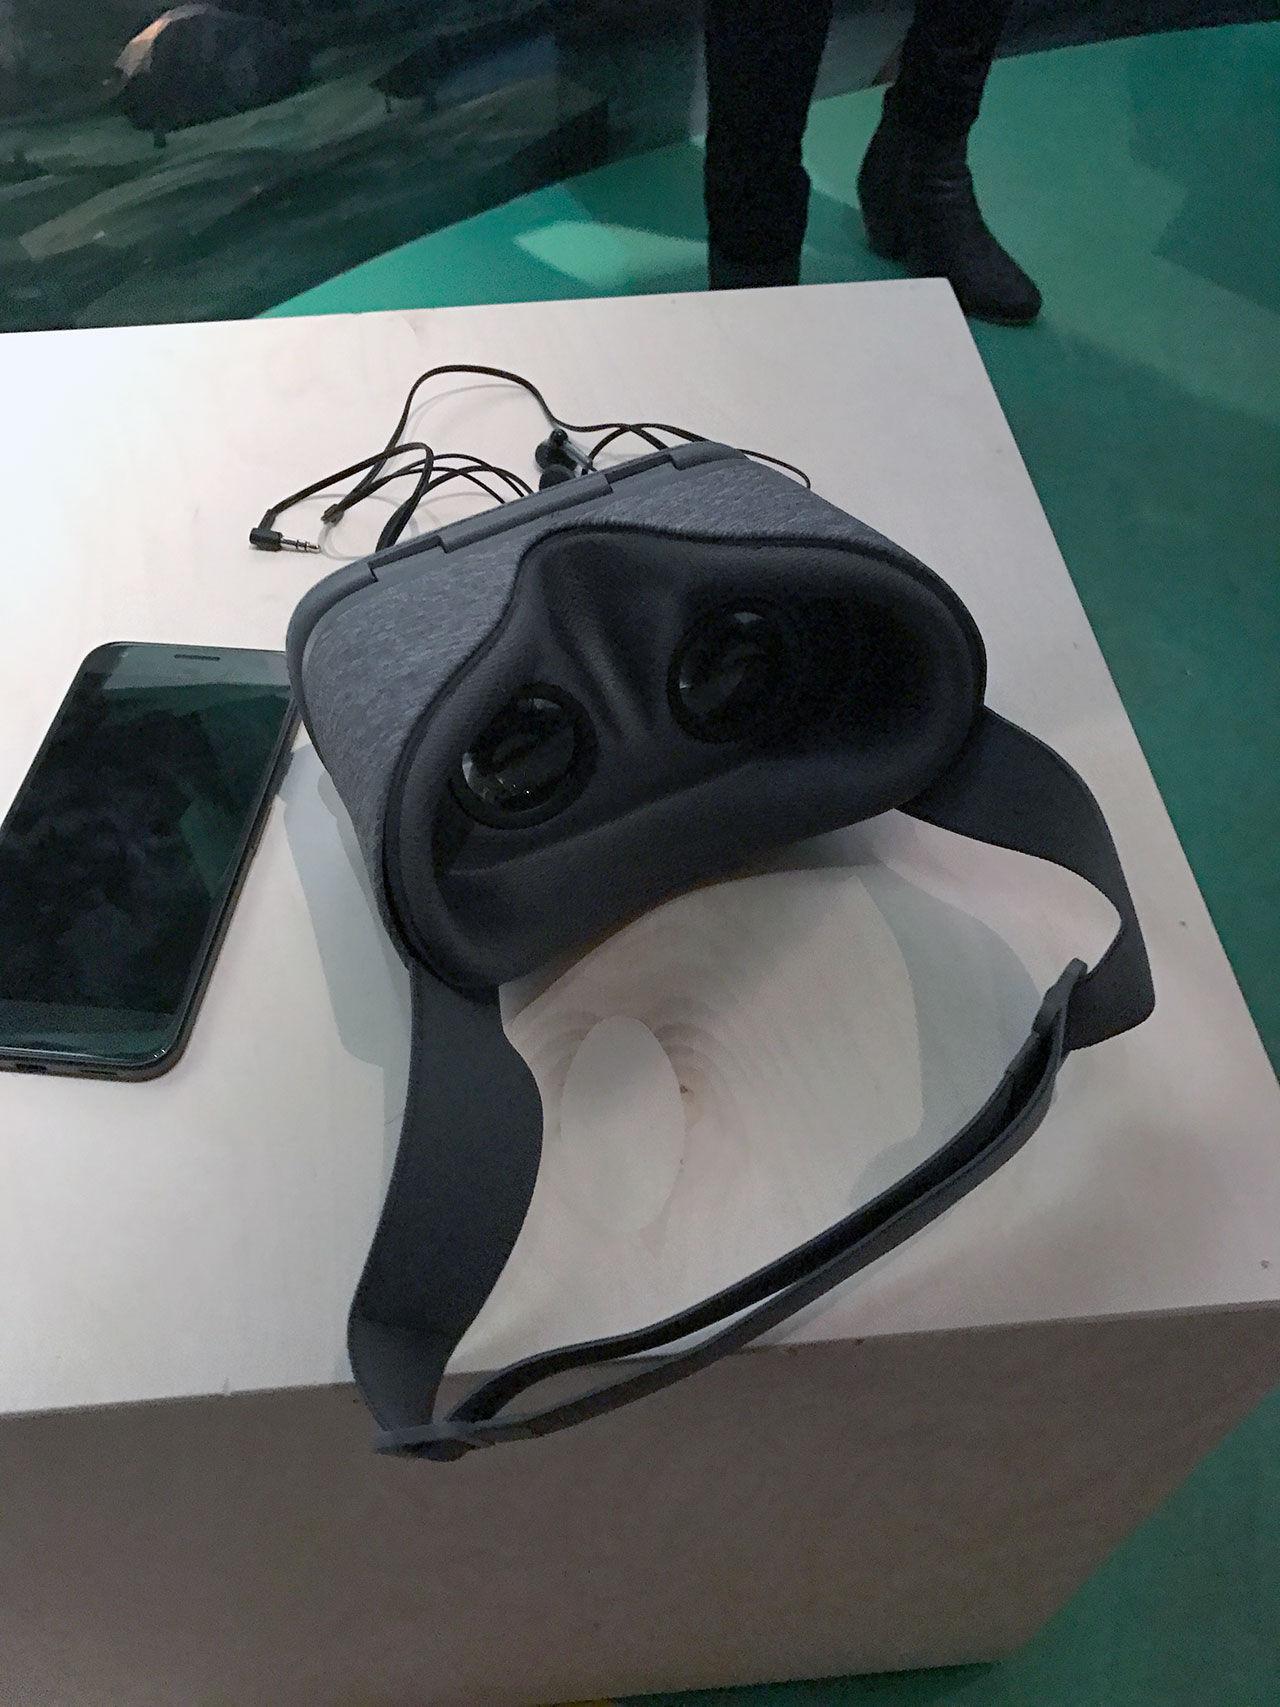 Vi har tittat på Googles telefoner och VR-headset